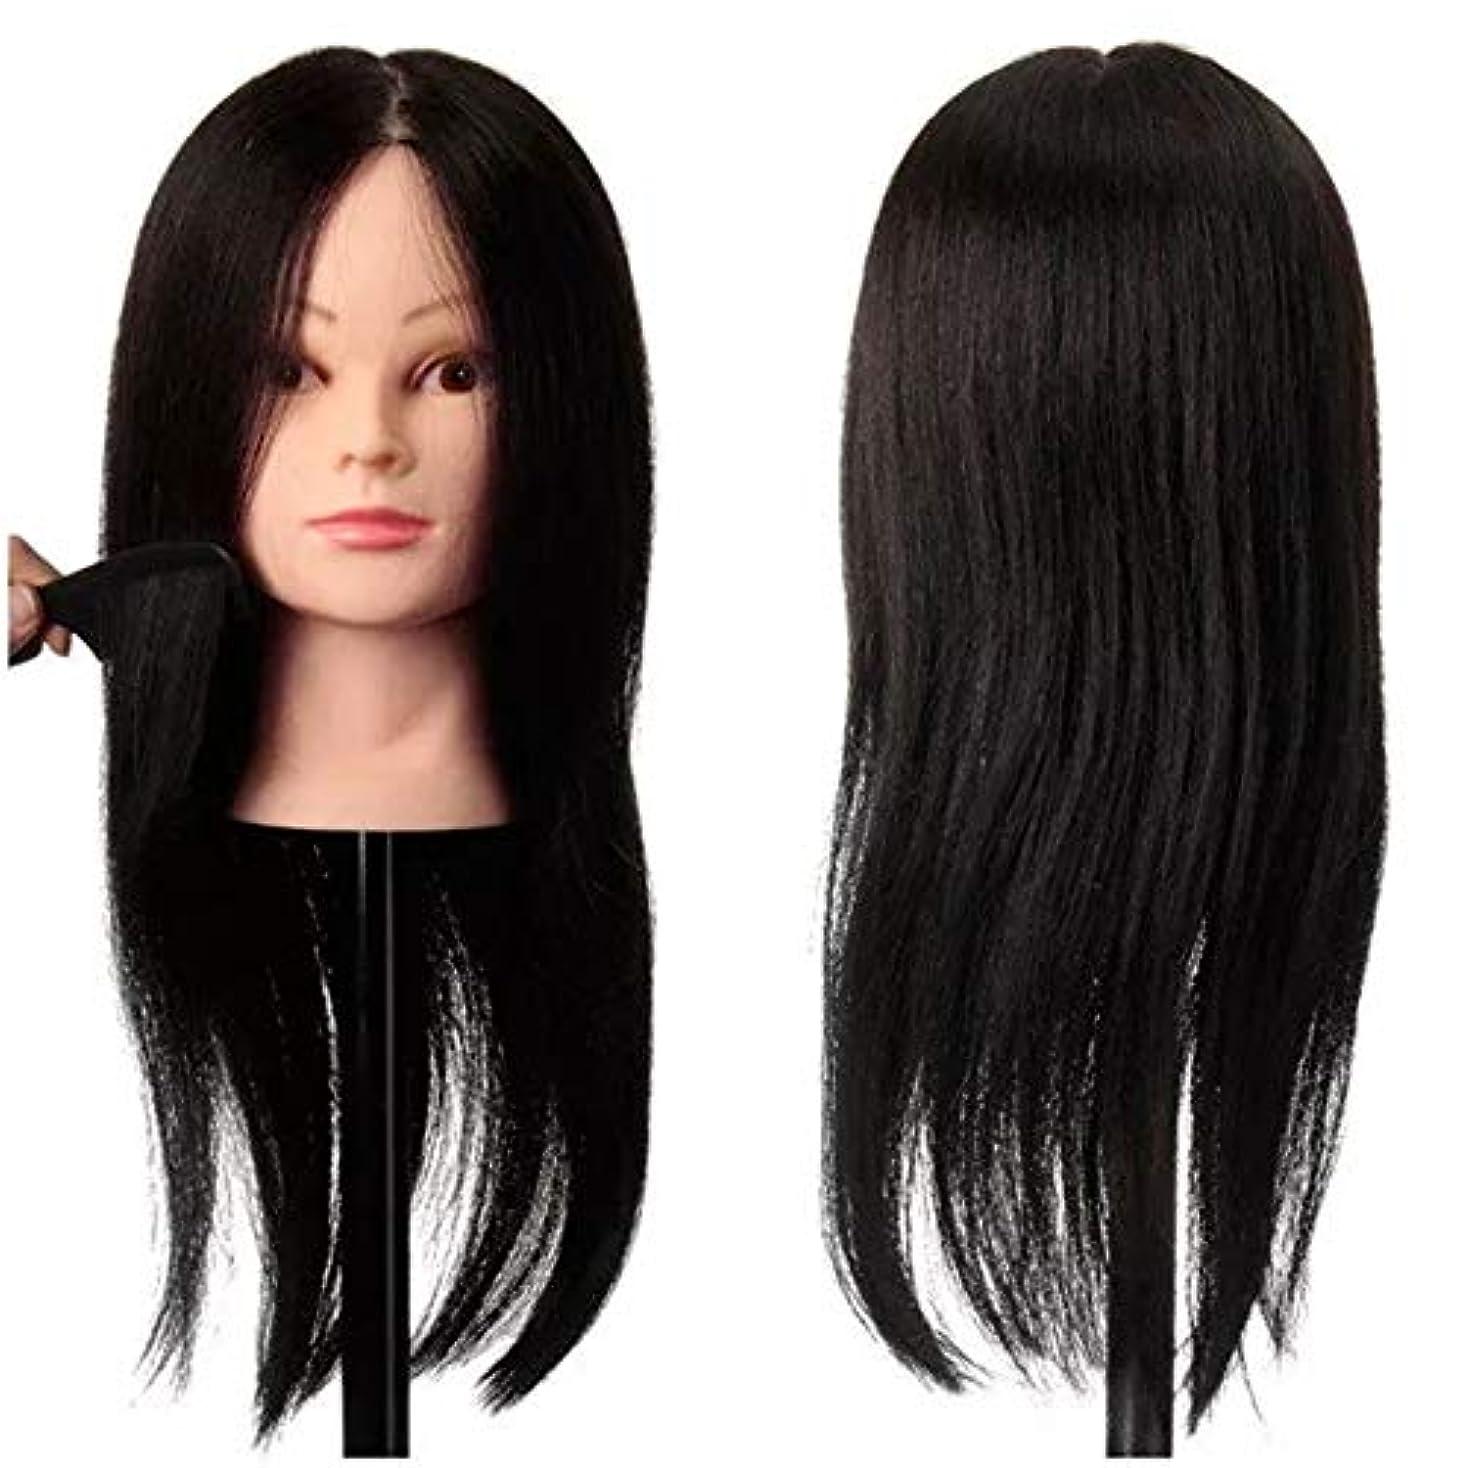 散らすテセウス祭司マネキンヘッド 100%黒の練習マネキン本物の人間の髪の毛のトレーニング頭部理髪カッティング 練習用 グマネキンヘッド (色 : ブラック, サイズ : 25*16*12cm)